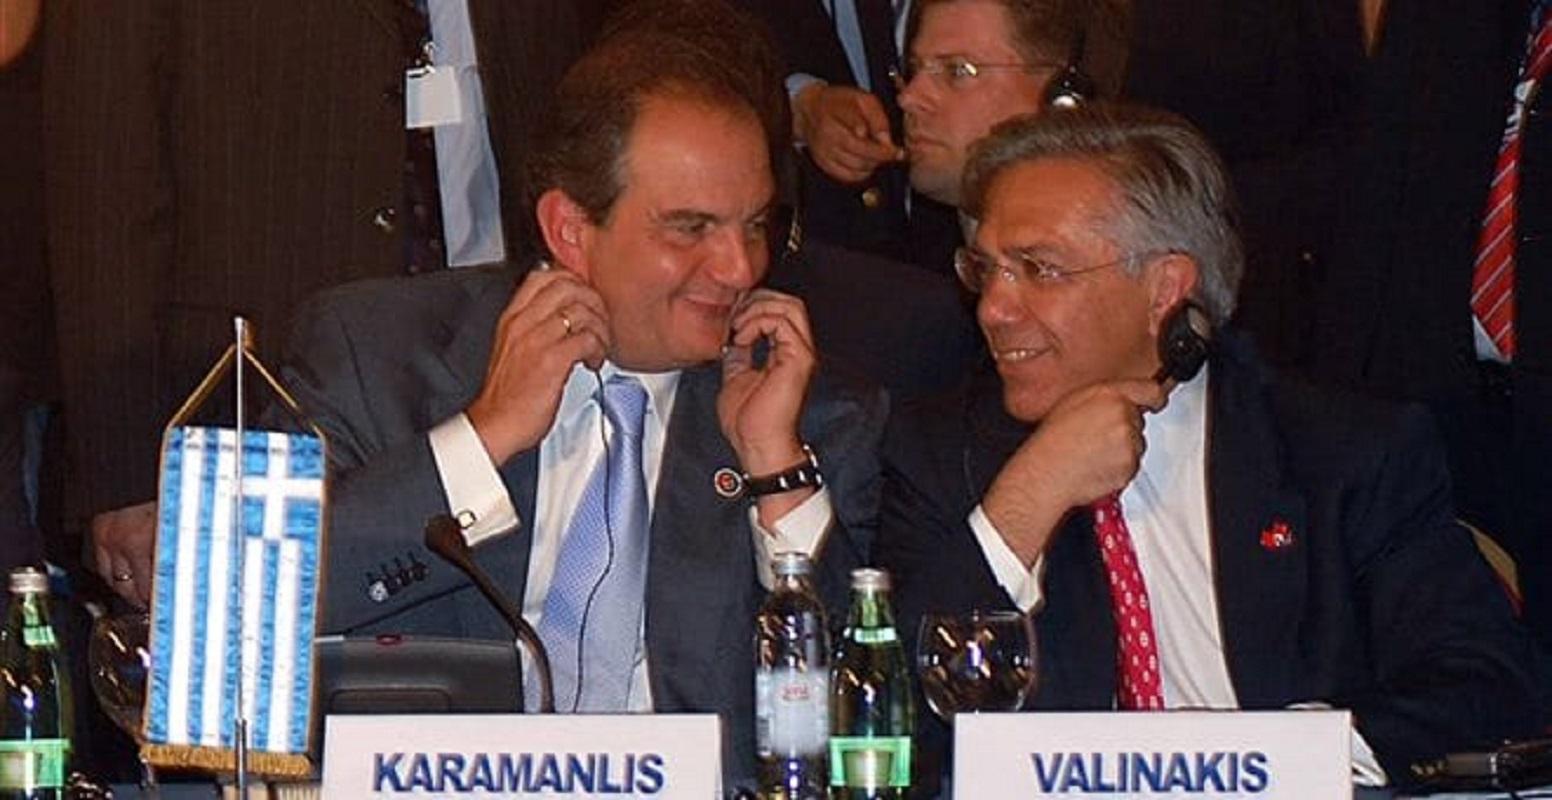 Σφυροκόπημα από Υπουργό του Καραμανλή: «Οταν σε φτύνει η Τουρκία και λες ψιχαλίζει αγανακτείς ο Δένδιας εξέφρασε αυτή την καταπίεση κάθε Έλληνα»